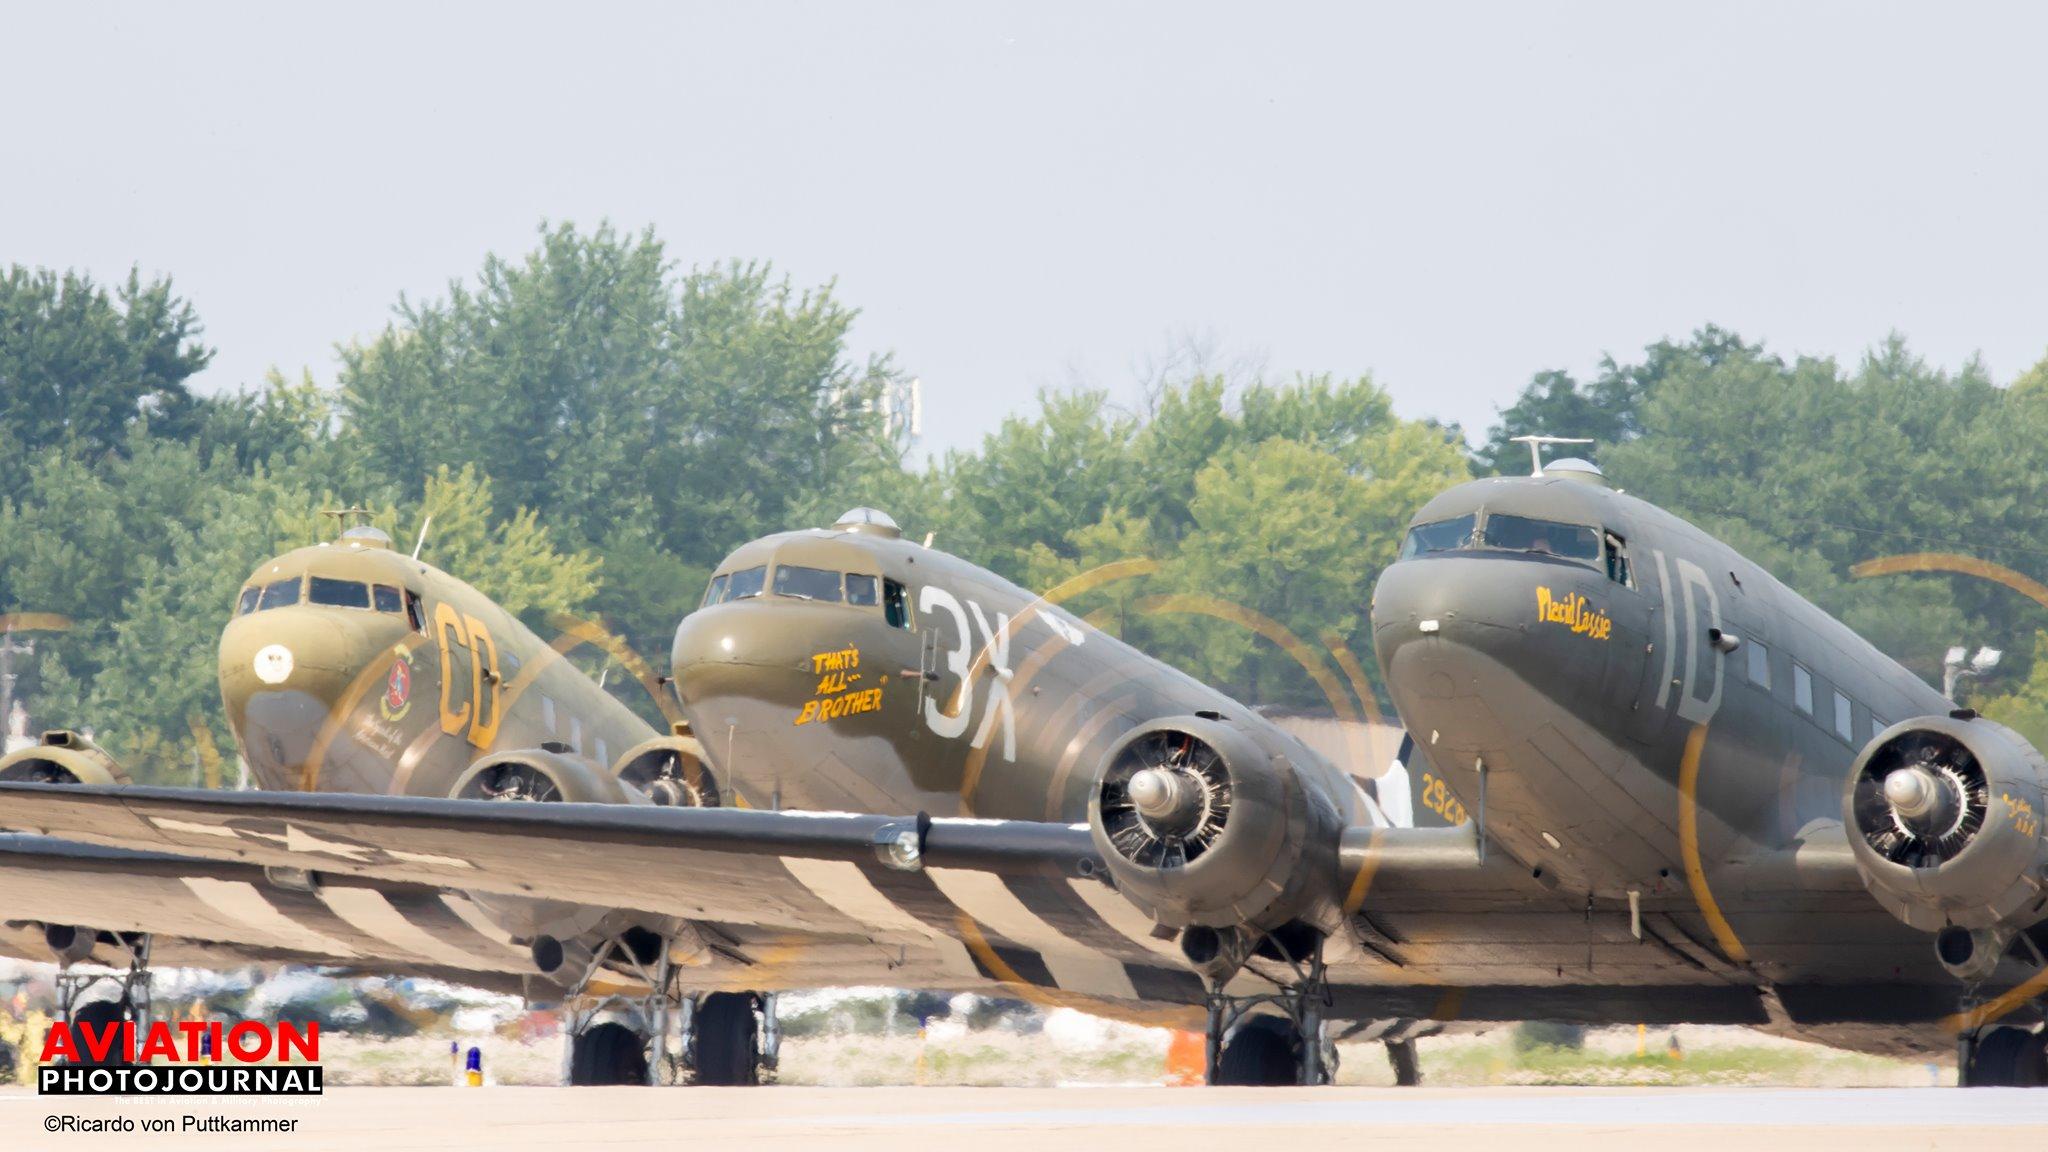 Felszálláshoz sorakozik a C-47/DC-3 kötelék